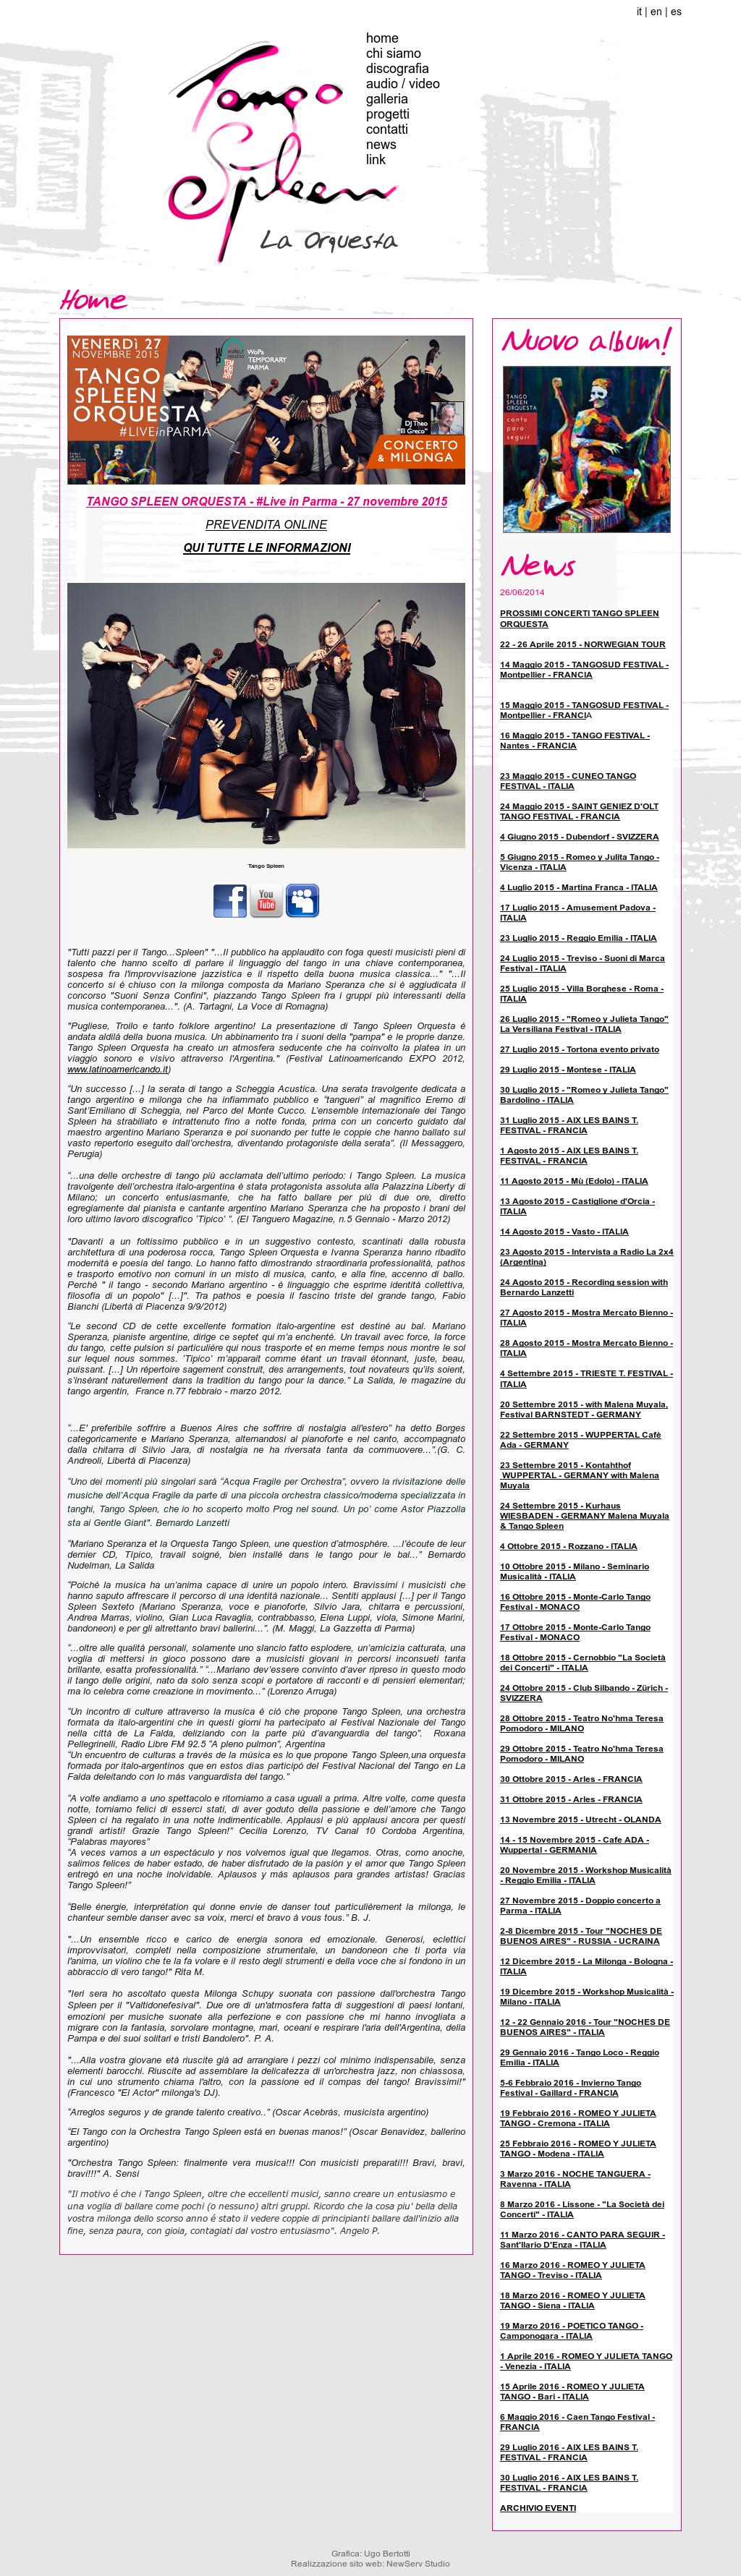 Come Creare Il Viola tango spleen competitors, revenue and employees - owler